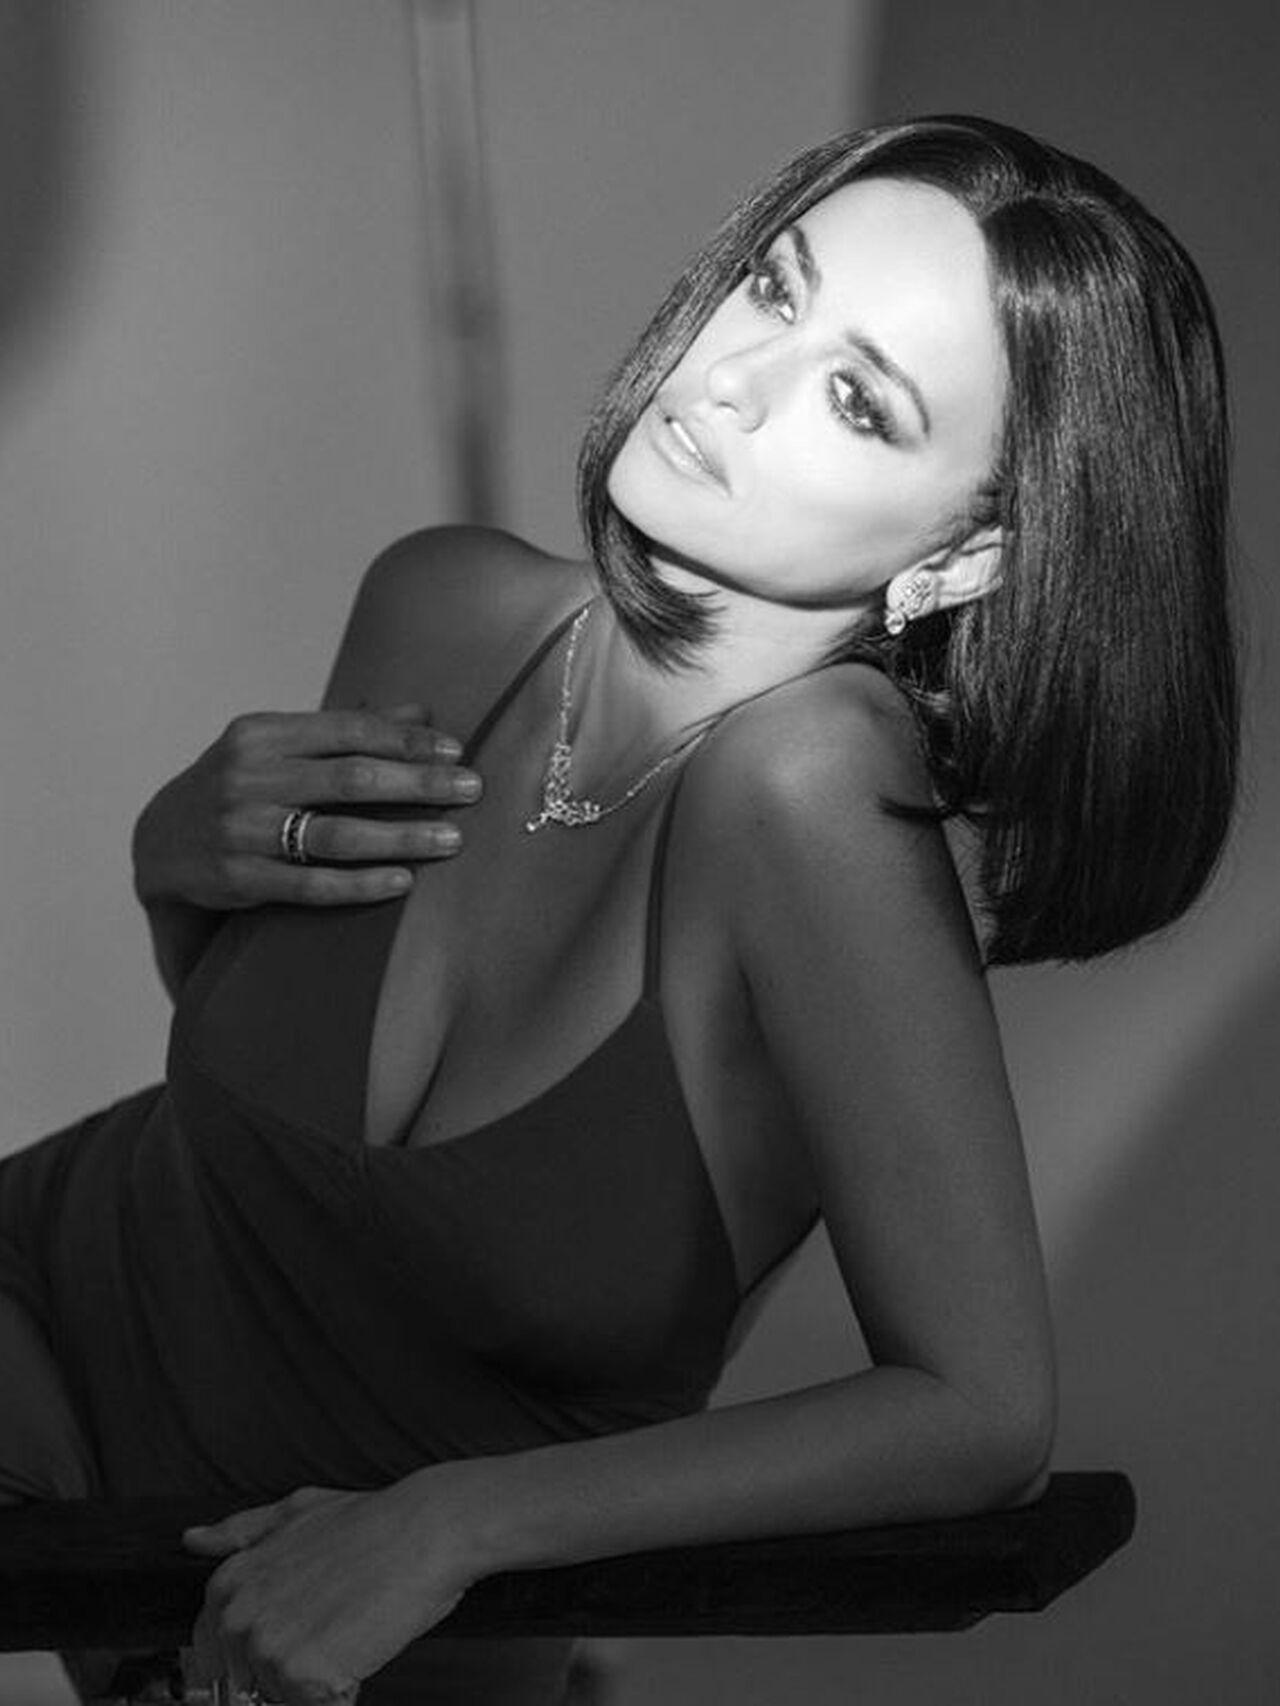 Imagenes_del_dia-Kim_Kardashian-Famosos-Famosos_471963901_147185475_1280x1706.jpg